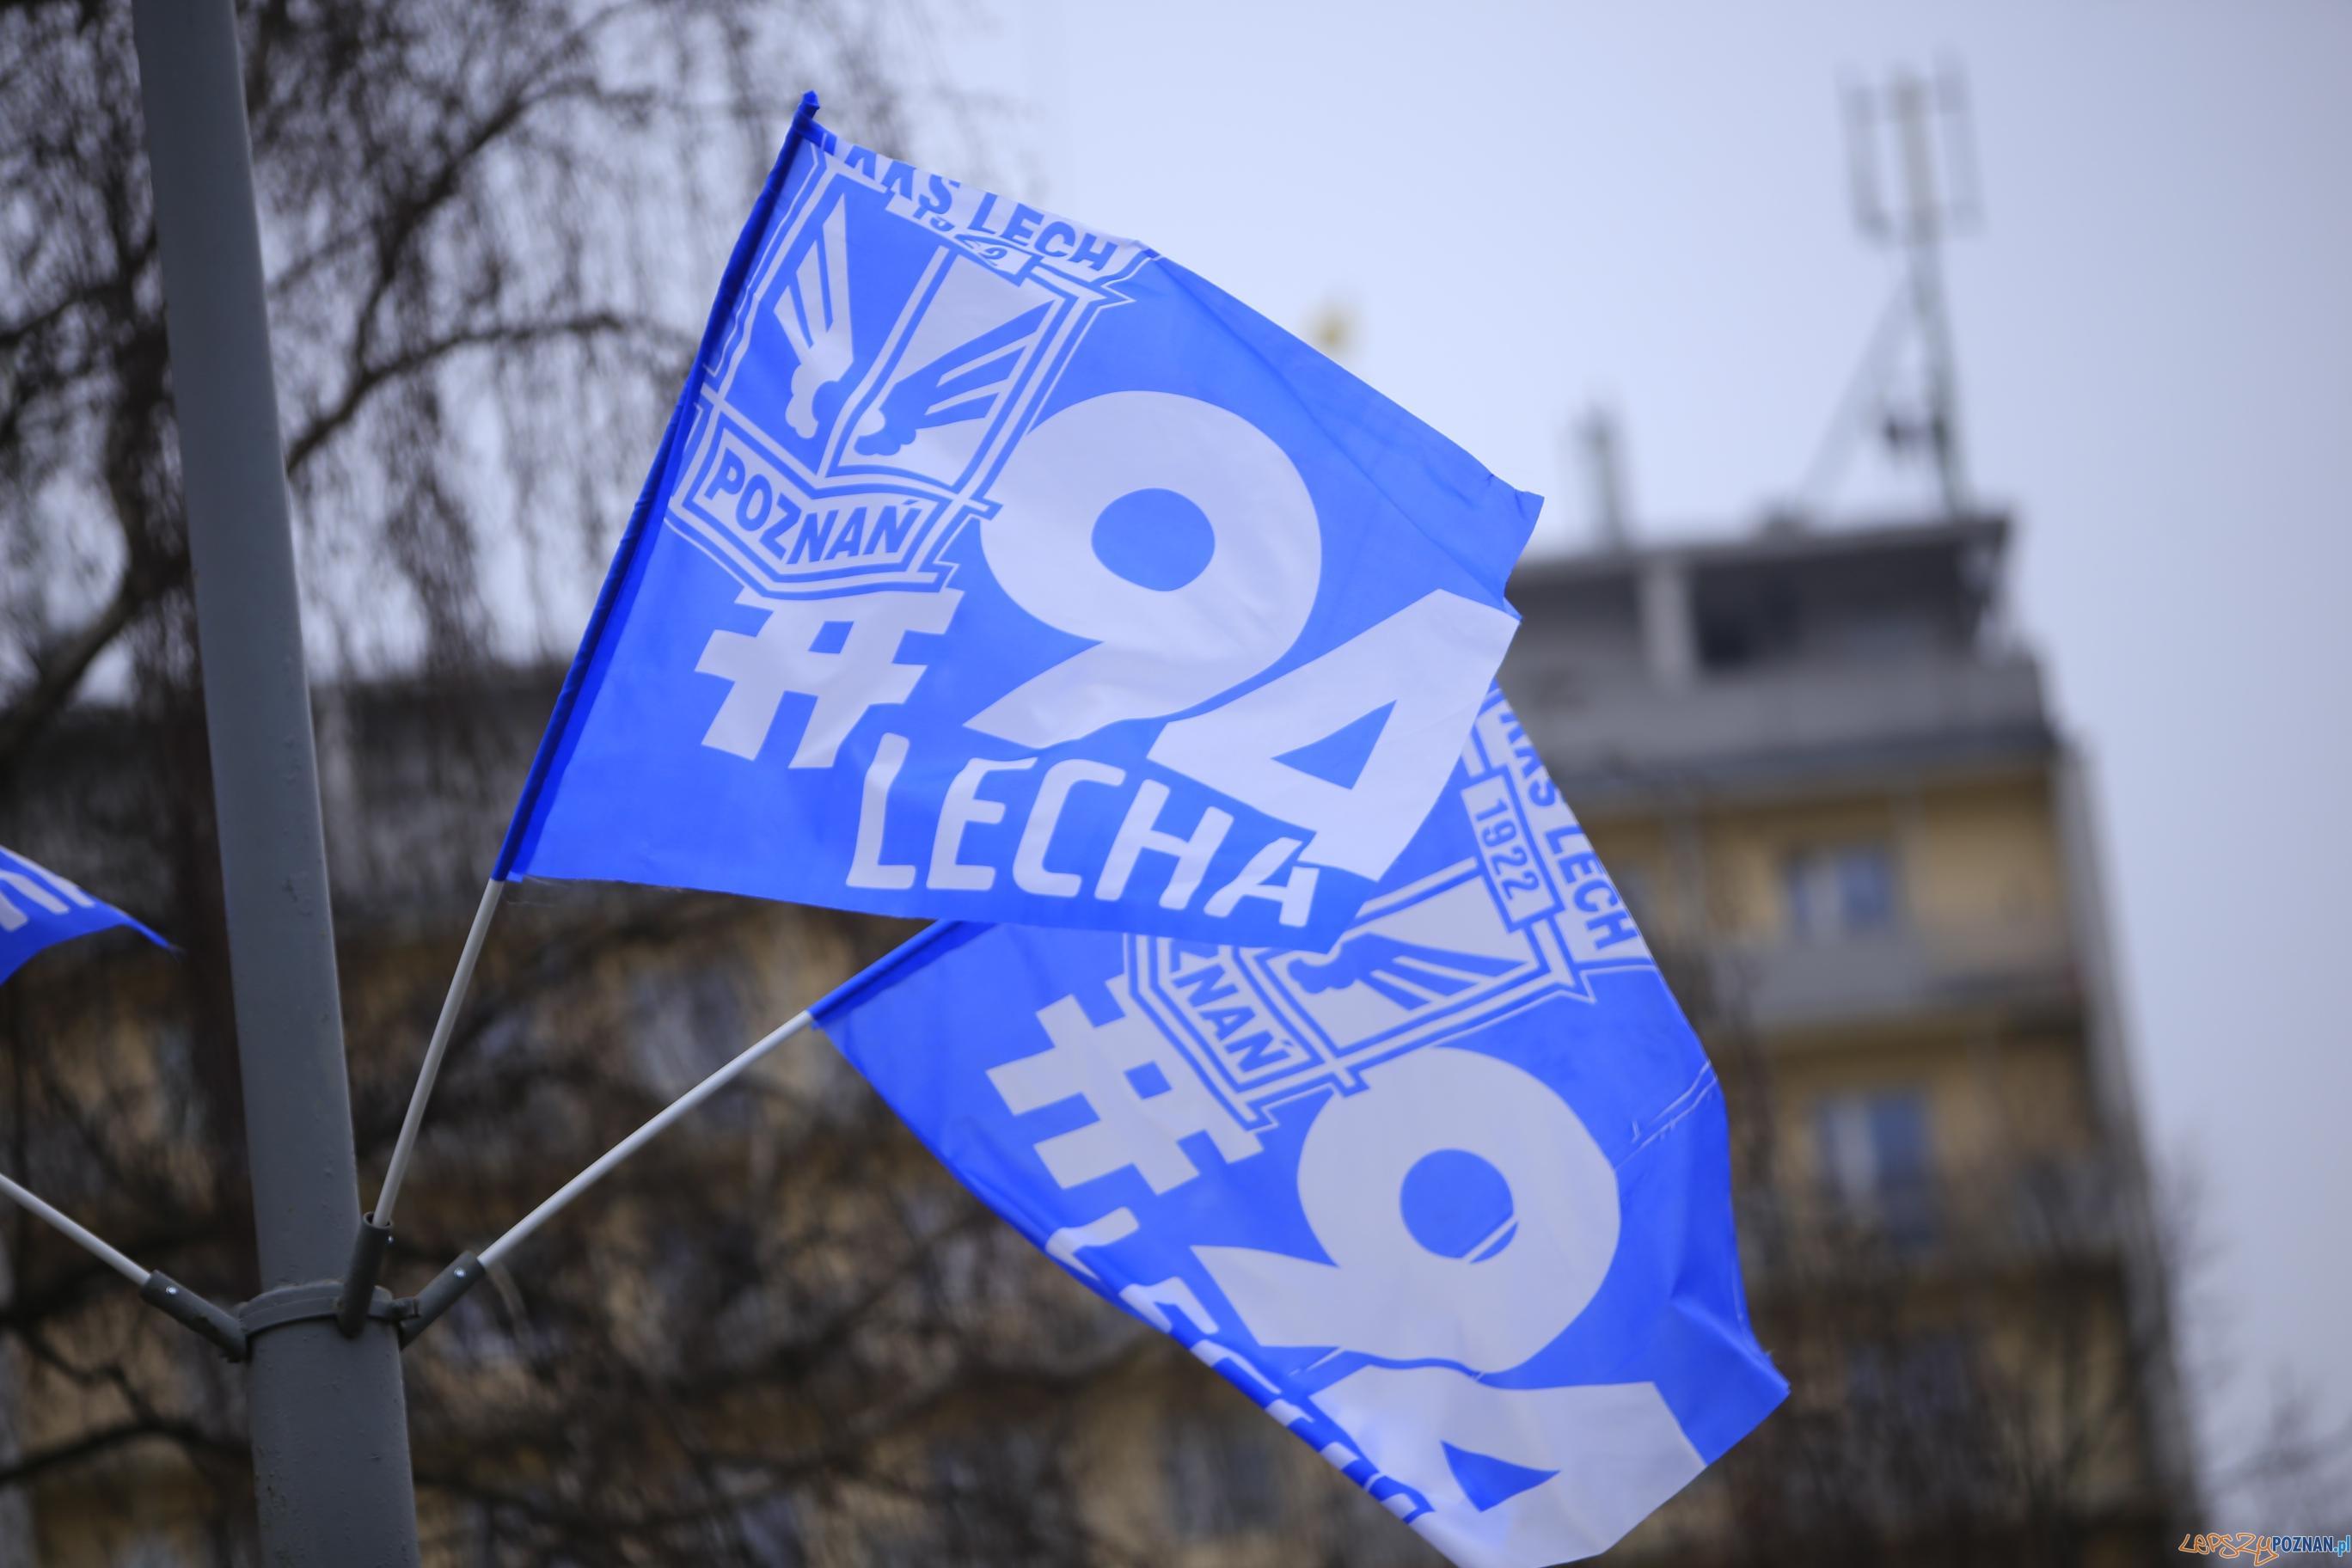 Urodziny Kolejorza  Foto: lepszyPOZNAN.pl / Piotr Rychter